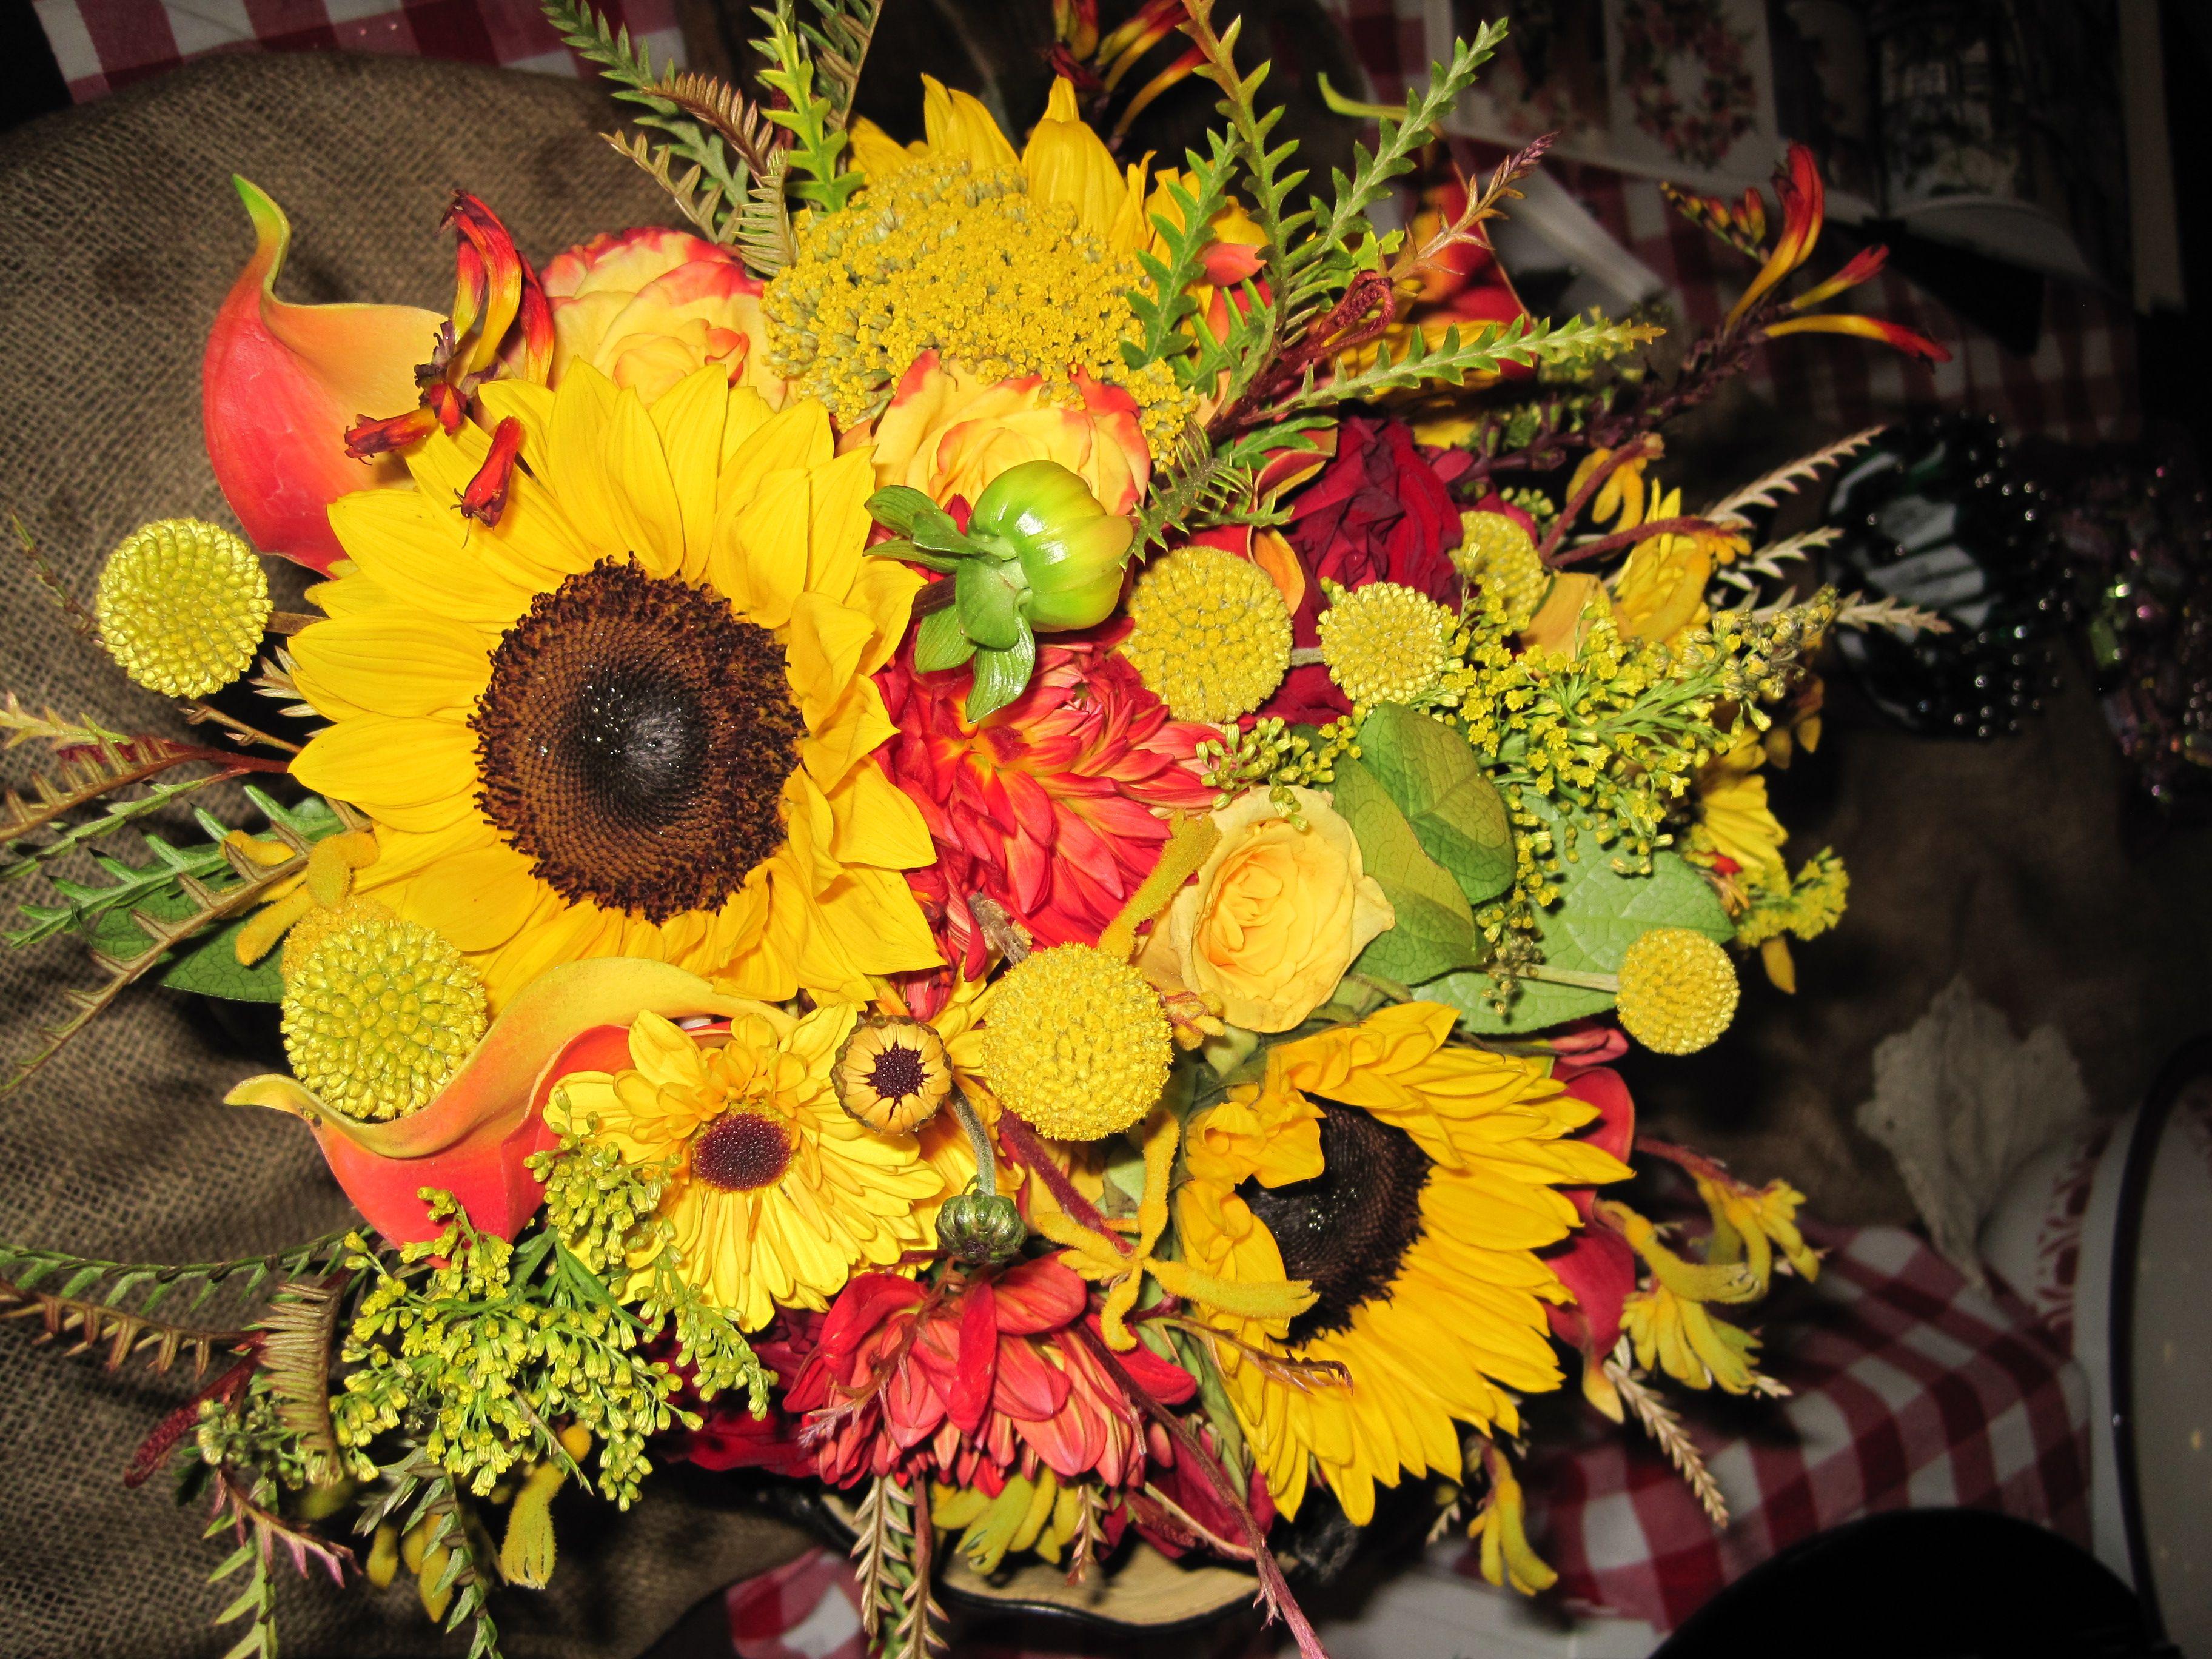 Wedding ideas for summer  a late summer wedding bouquet  Wedding ideas  Pinterest  Late